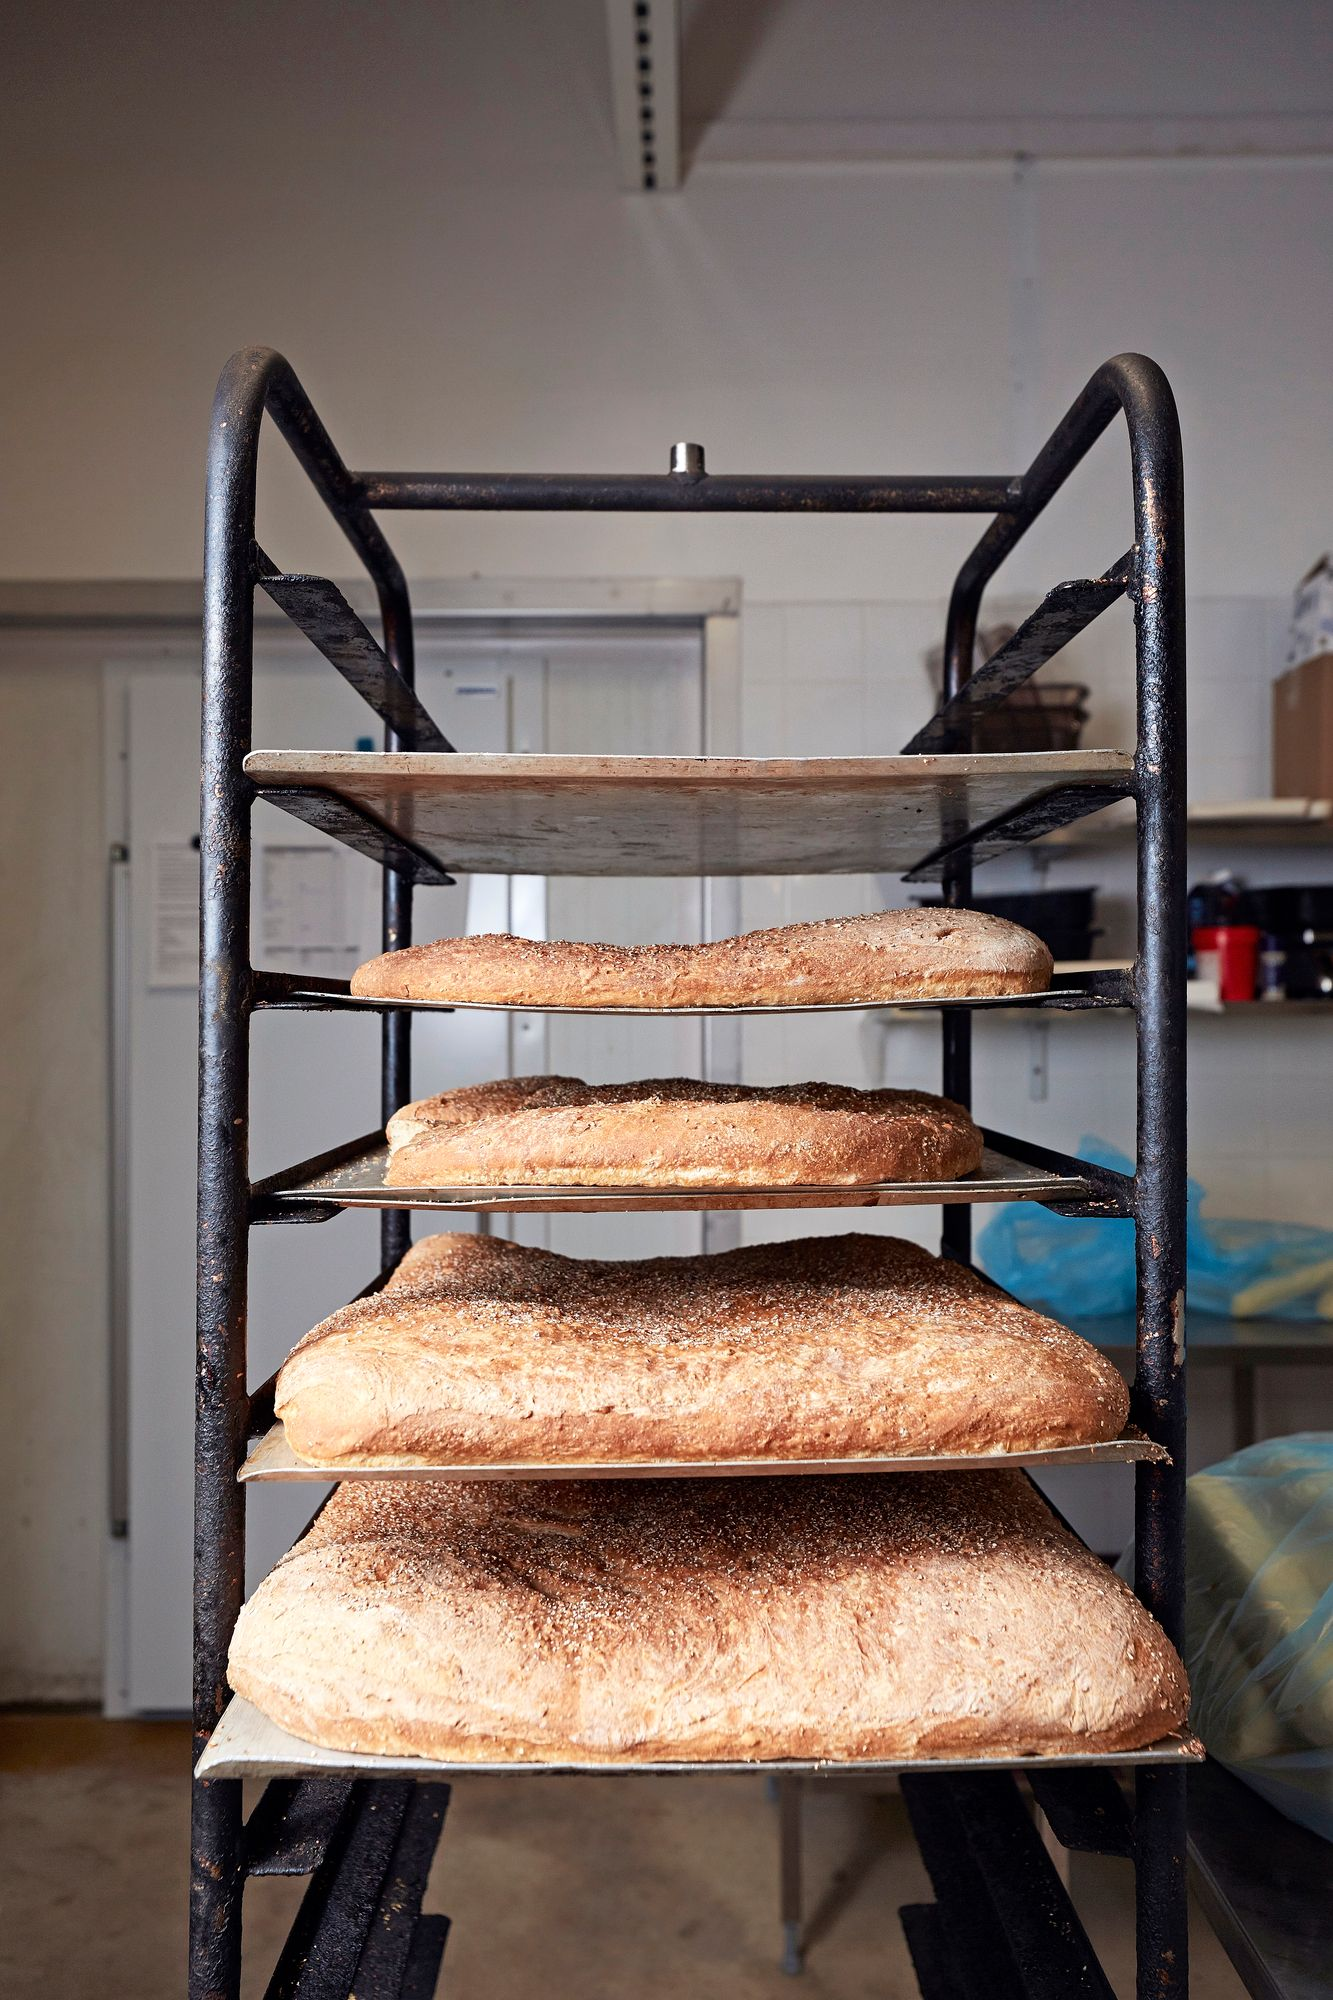 Juuri uunista tulleita milanonleipiä. © Sara Pihlaja 2021